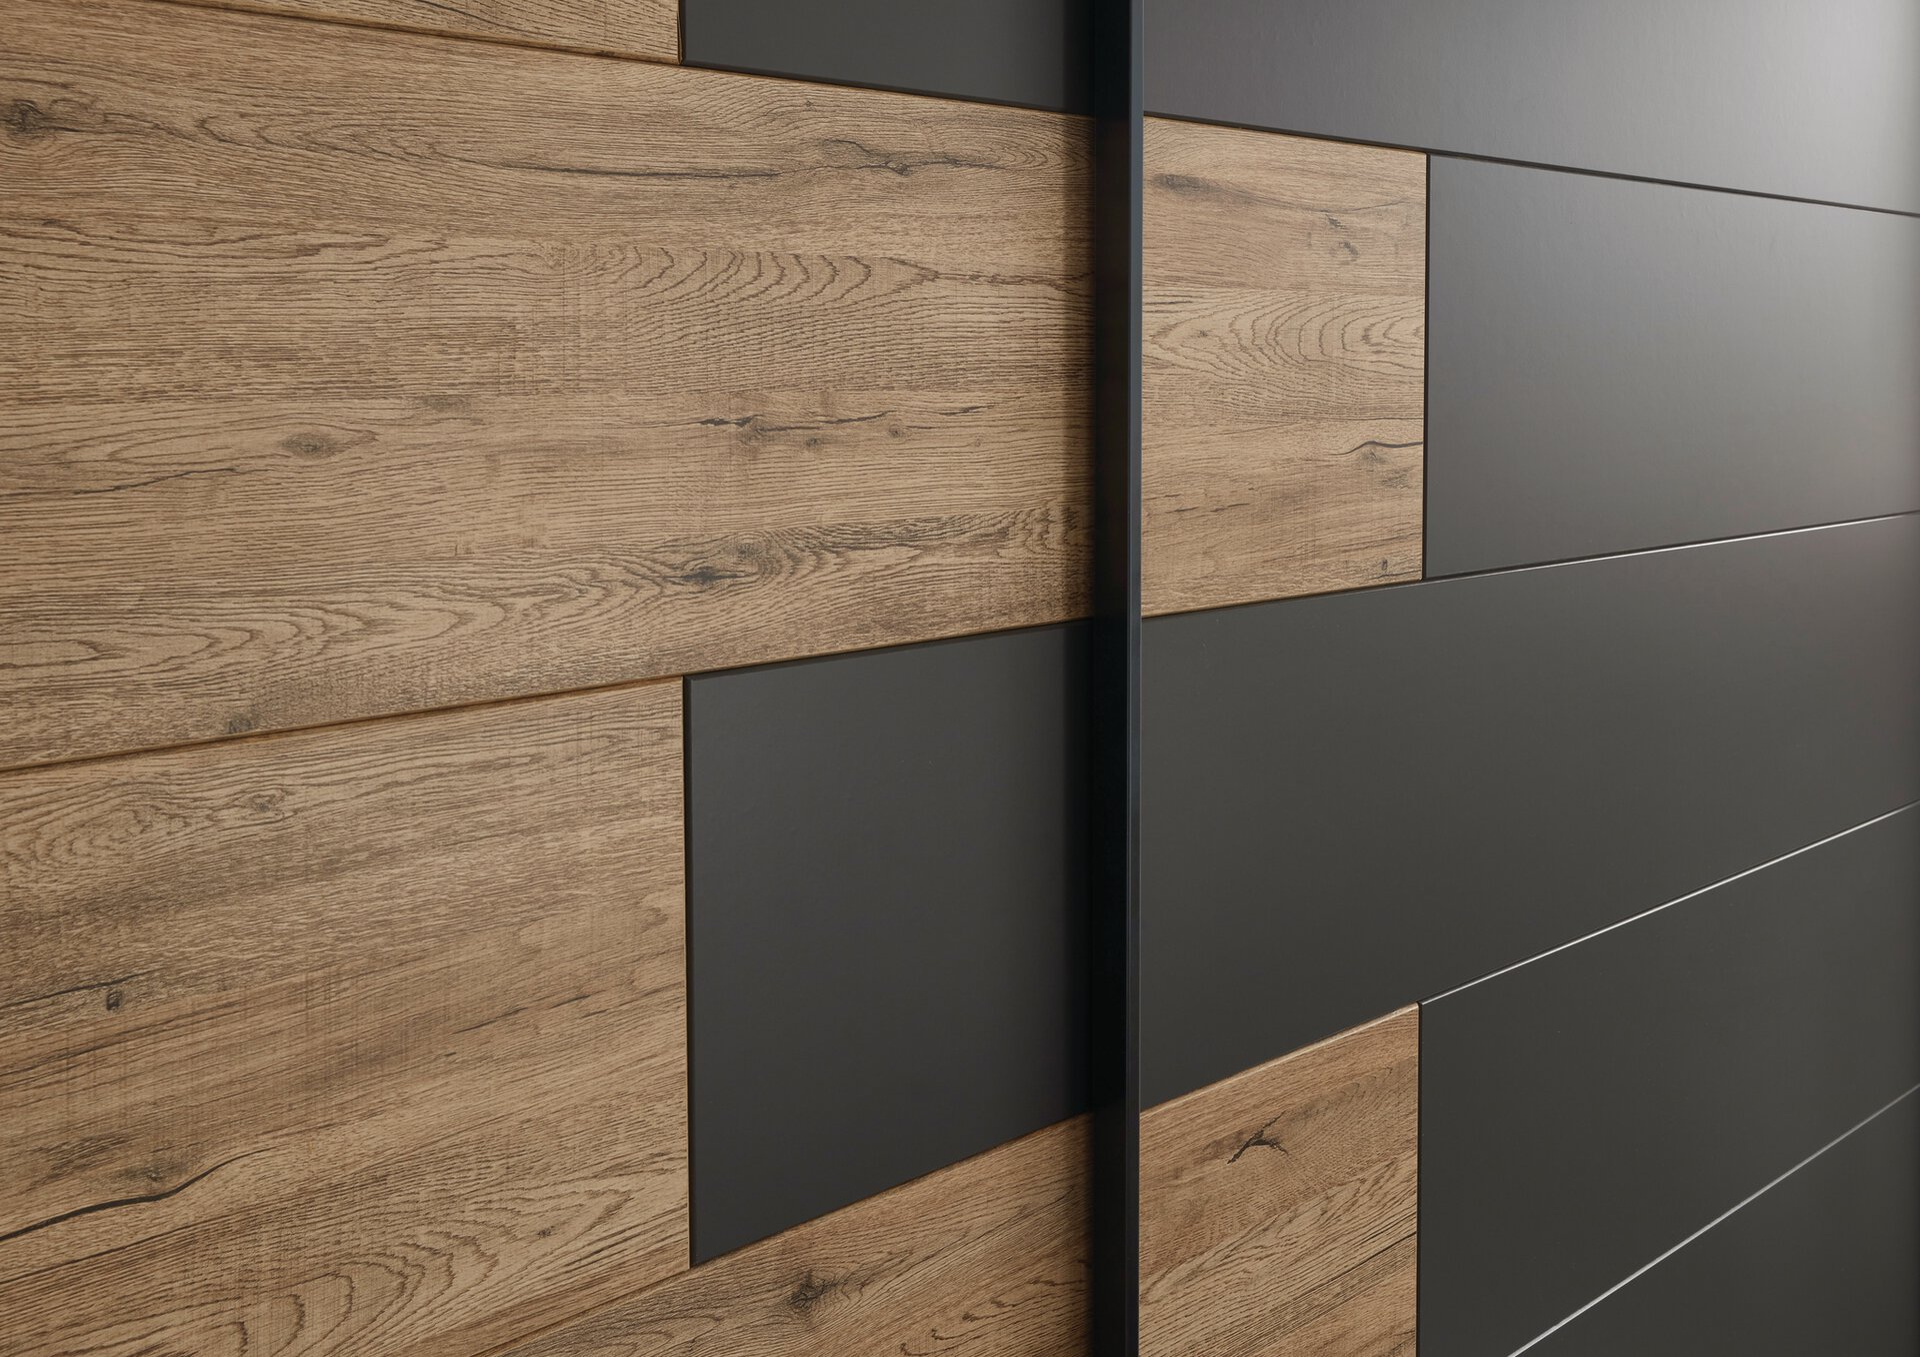 Schwebetürenschrank Linea Dreamoro Holzwerkstoff braun 58 x 211 x 270 cm